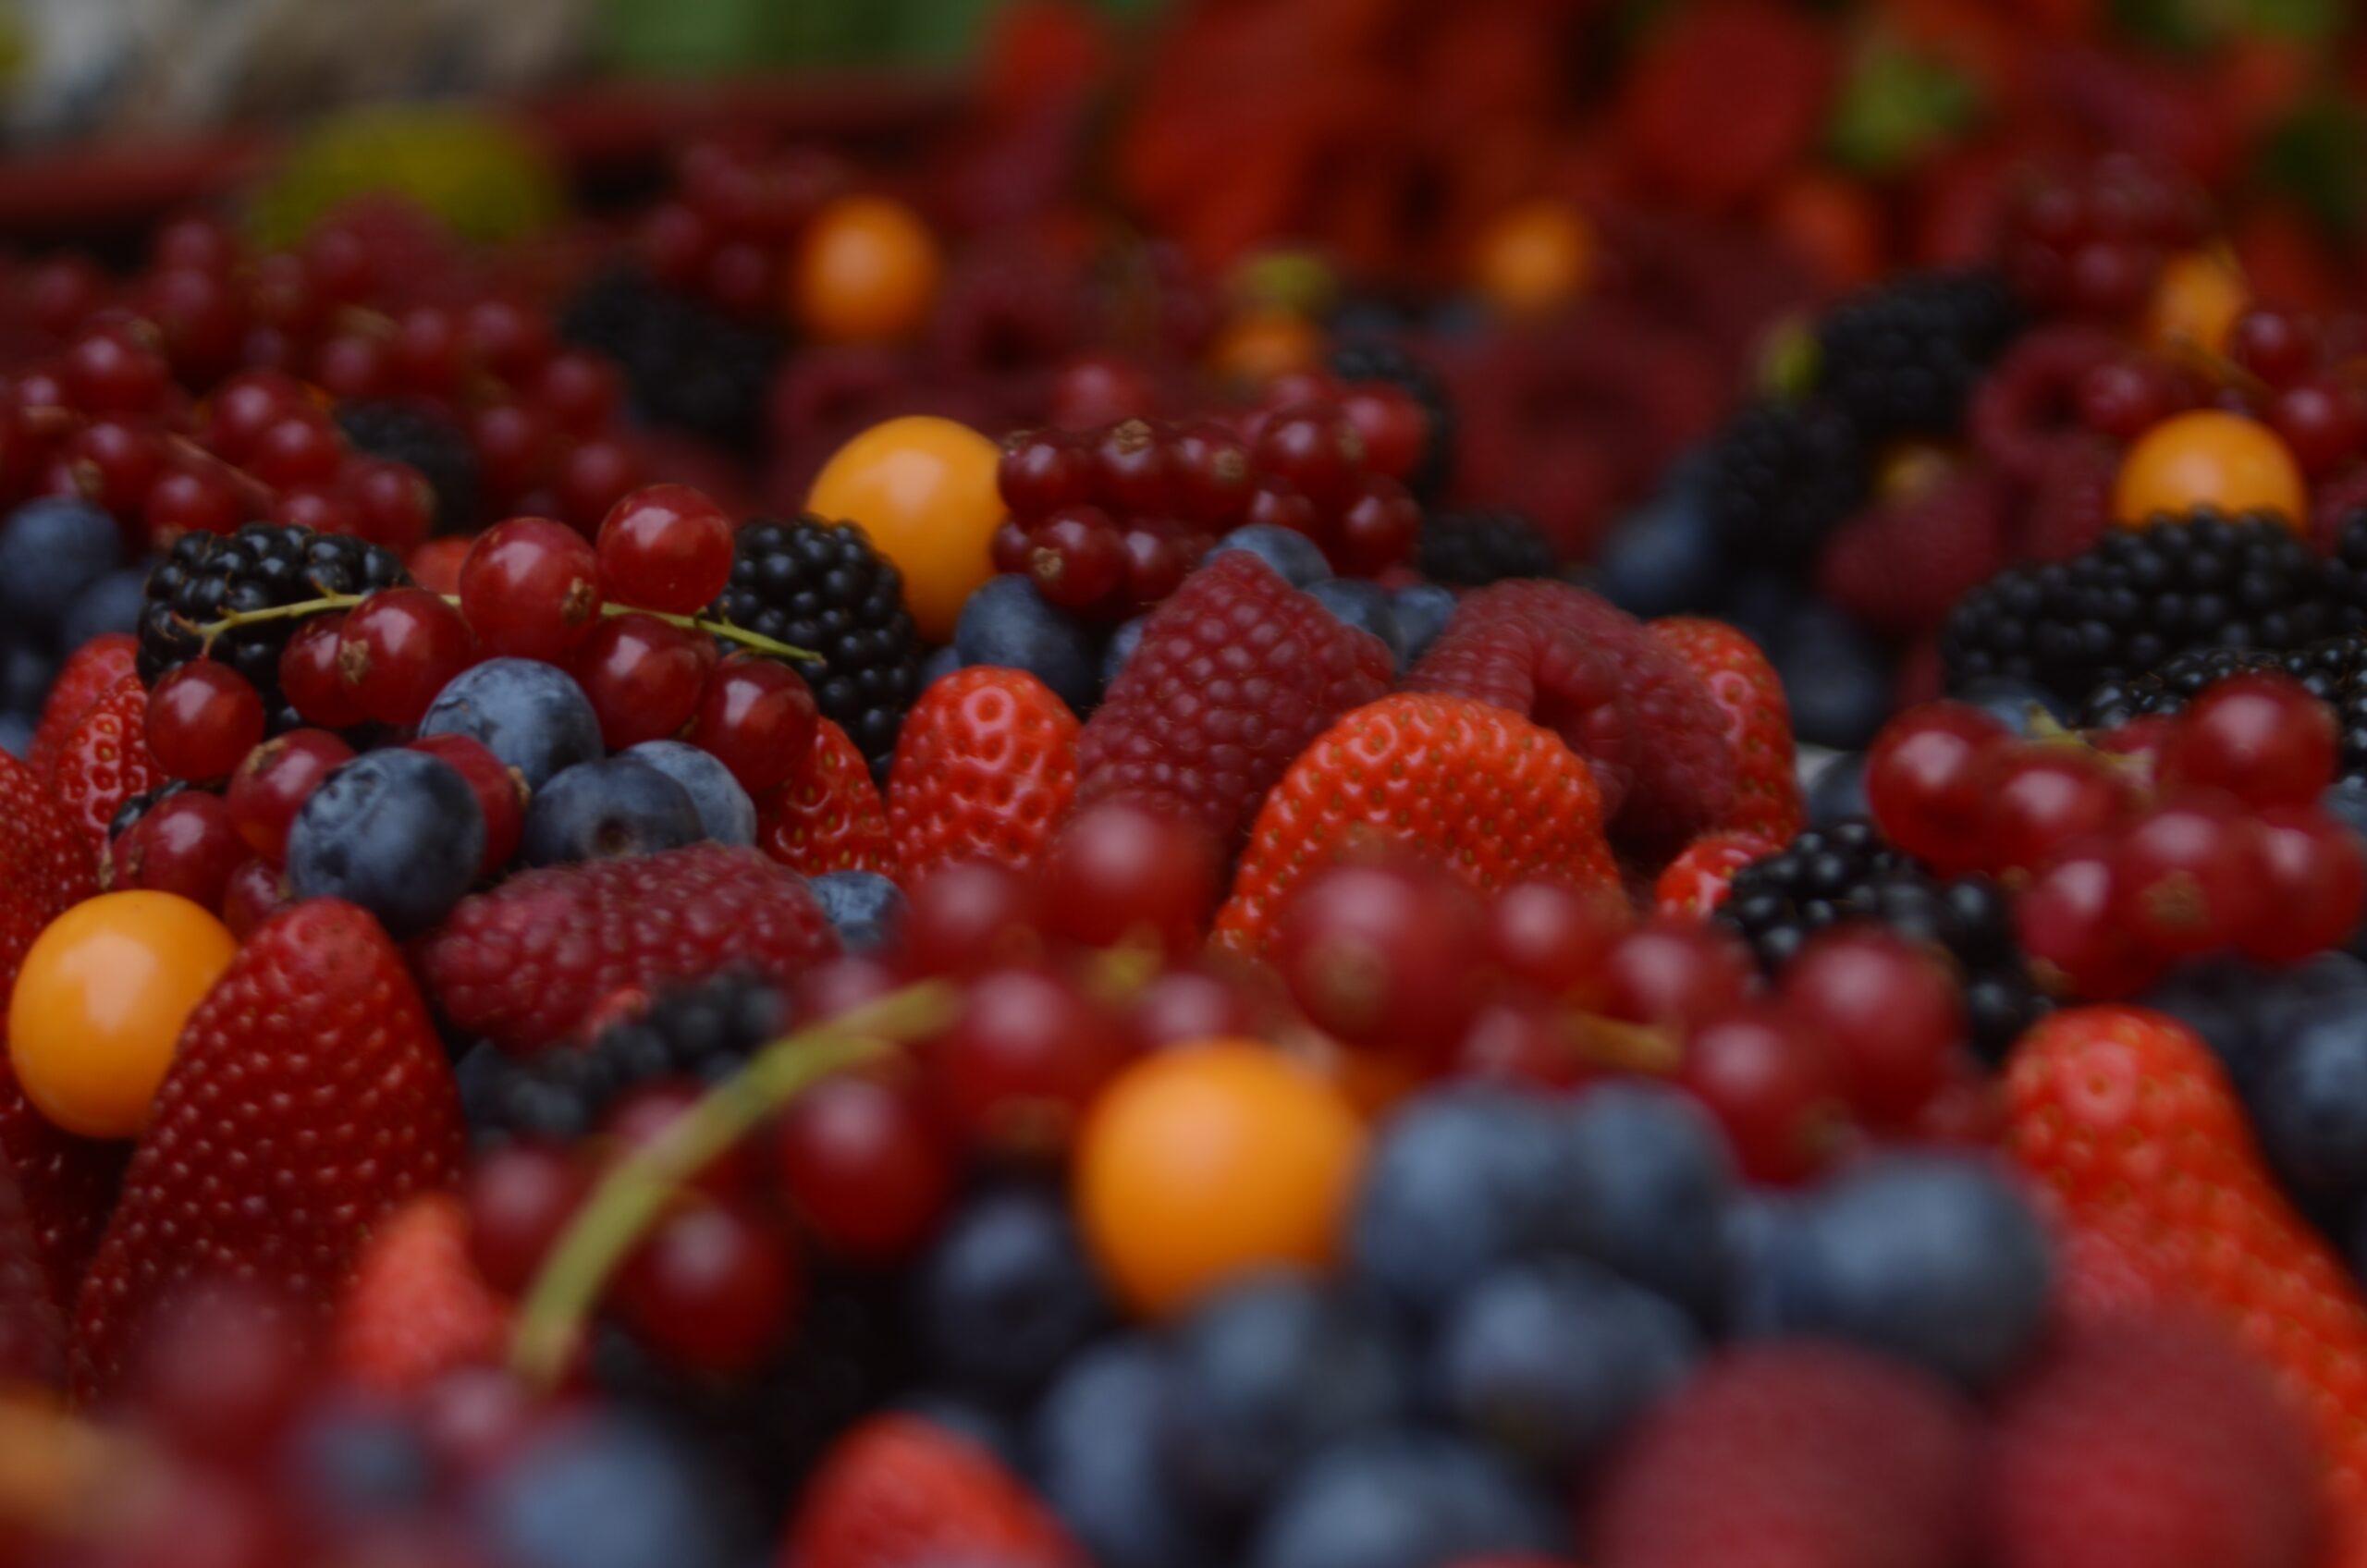 De Zuurbes is een fel-oranje bes die je lichaam van chemische stoffen ontdoet